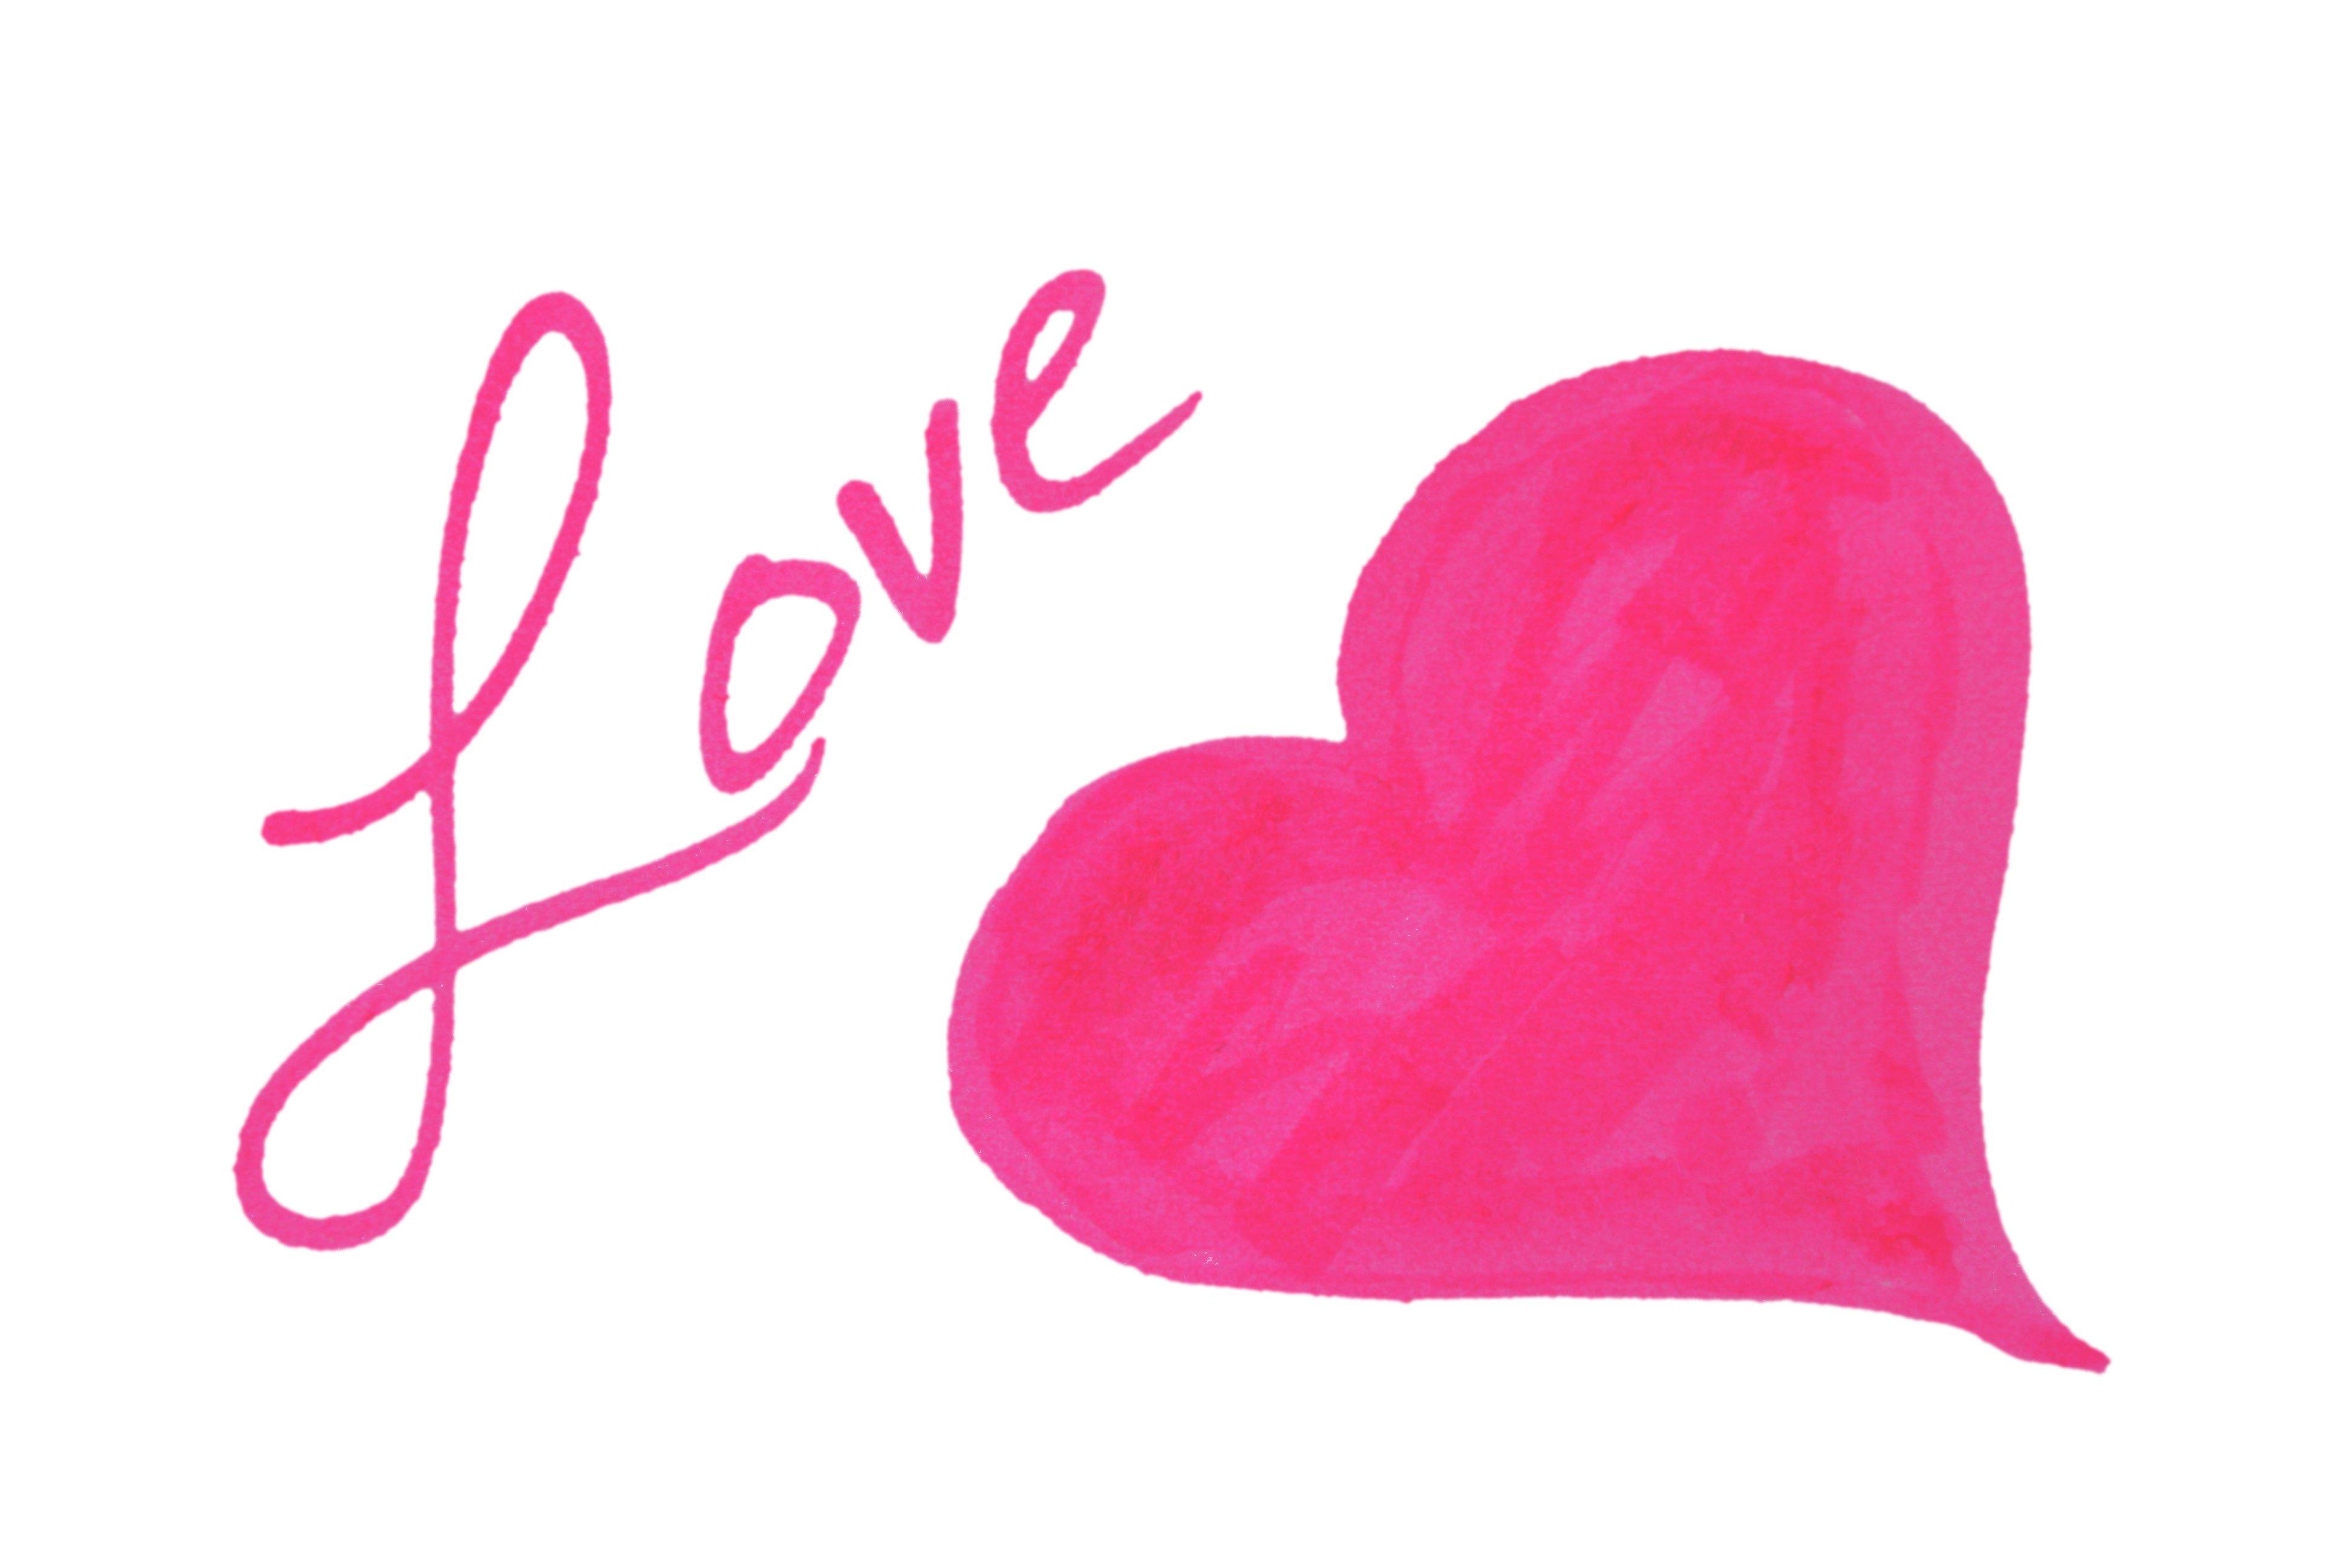 Cute Heart Clipart - ClipArt Best